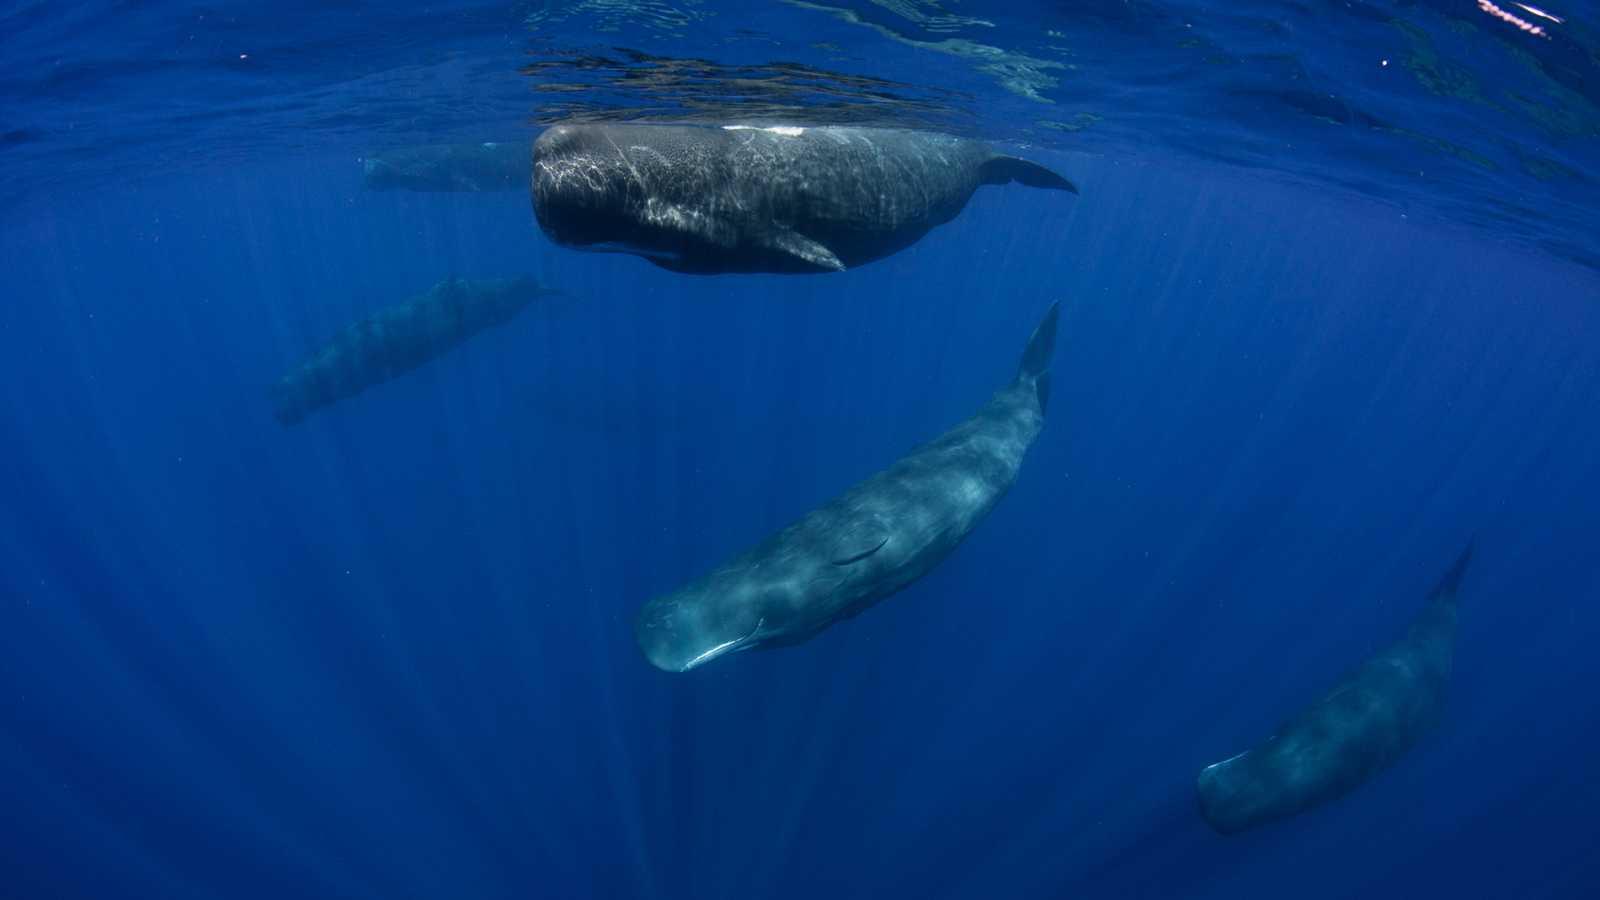 Delfines, rorcuales y cachalotes, algunos de los cetáceos que habitan en el Mediterráneo, contarán con un área marítima protegida de 46.000 kilómetros cuadrados entre Levante, Cataluña y las Isla Baleares, en el que estarán a salvo de ruidos marinos